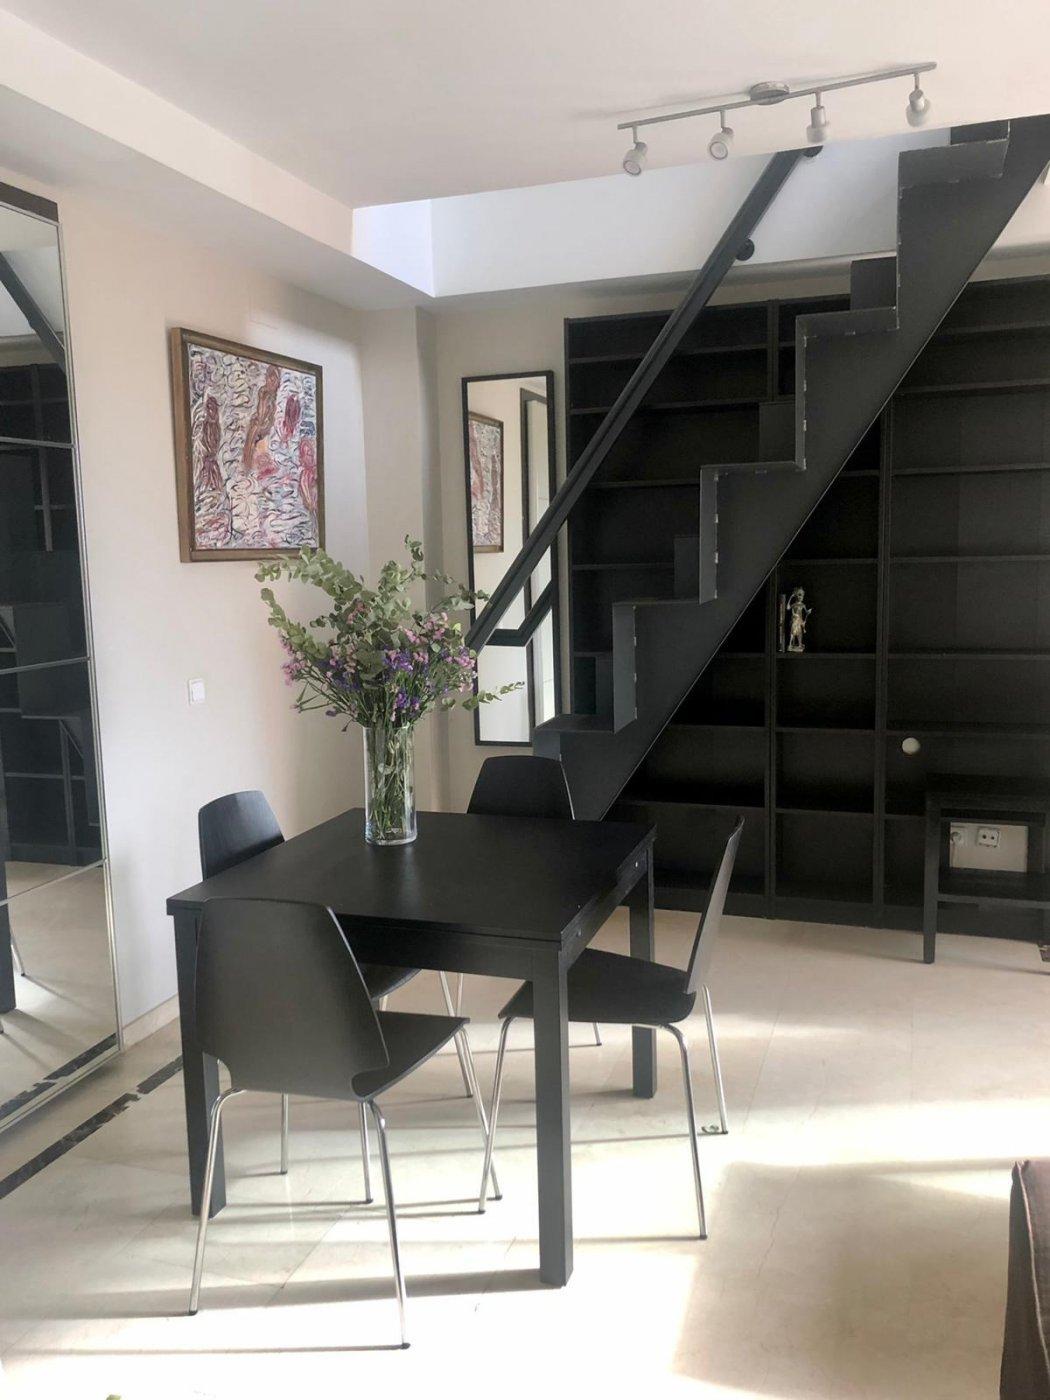 Venta o alquiler de piso en madrid - imagenInmueble1